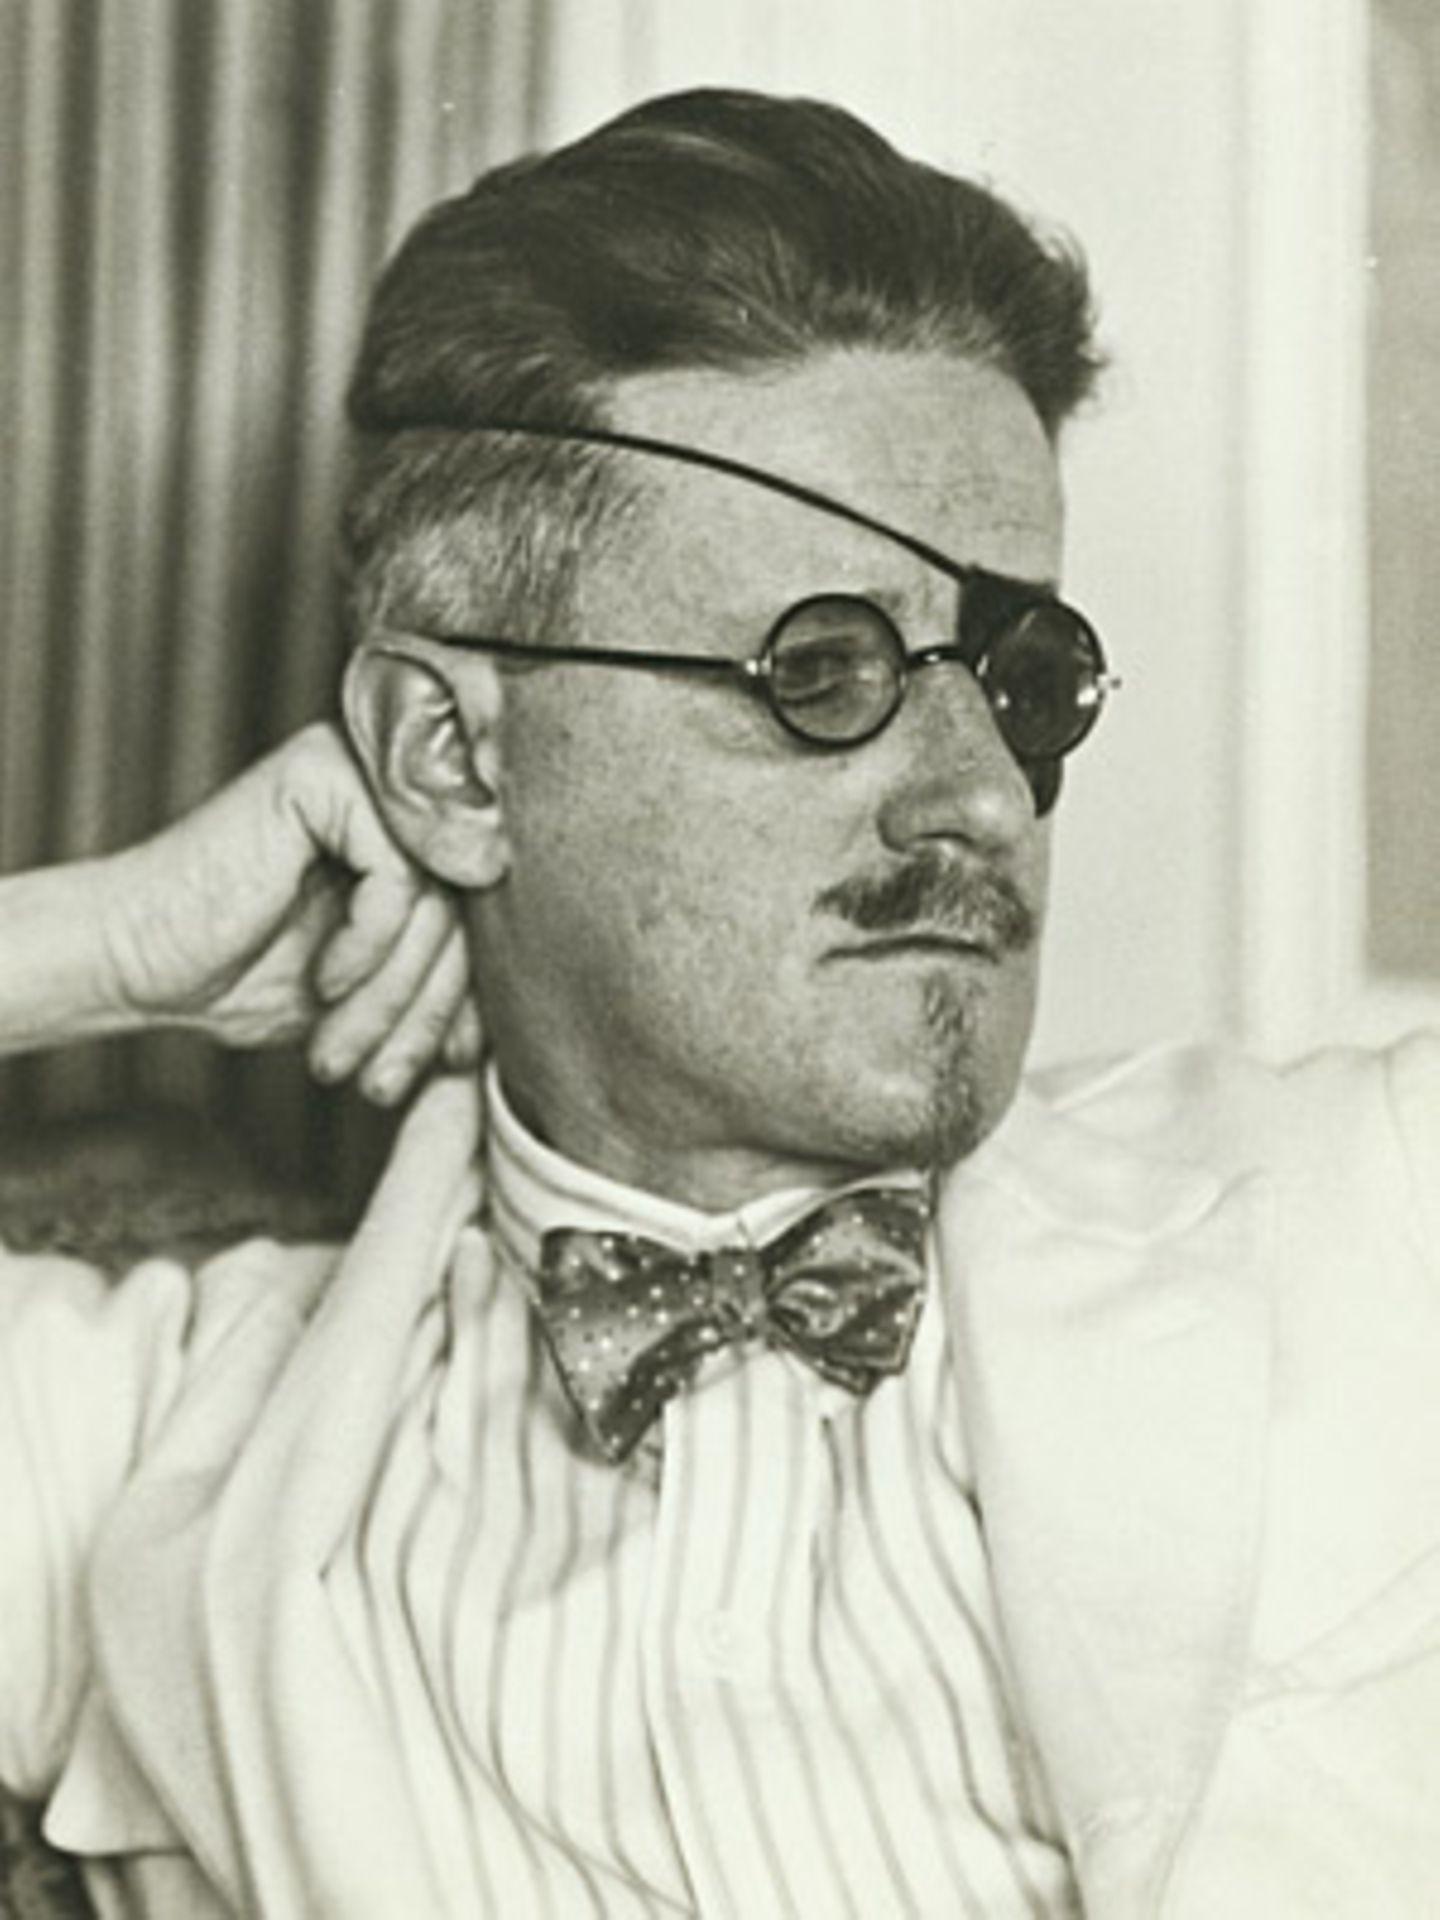 James Joyce by Berenice Abbott 1926 (unpublished)     Ein Pirat? Nein, der berühmte irische Schriftsteller James Joyce mit Augenklappe.